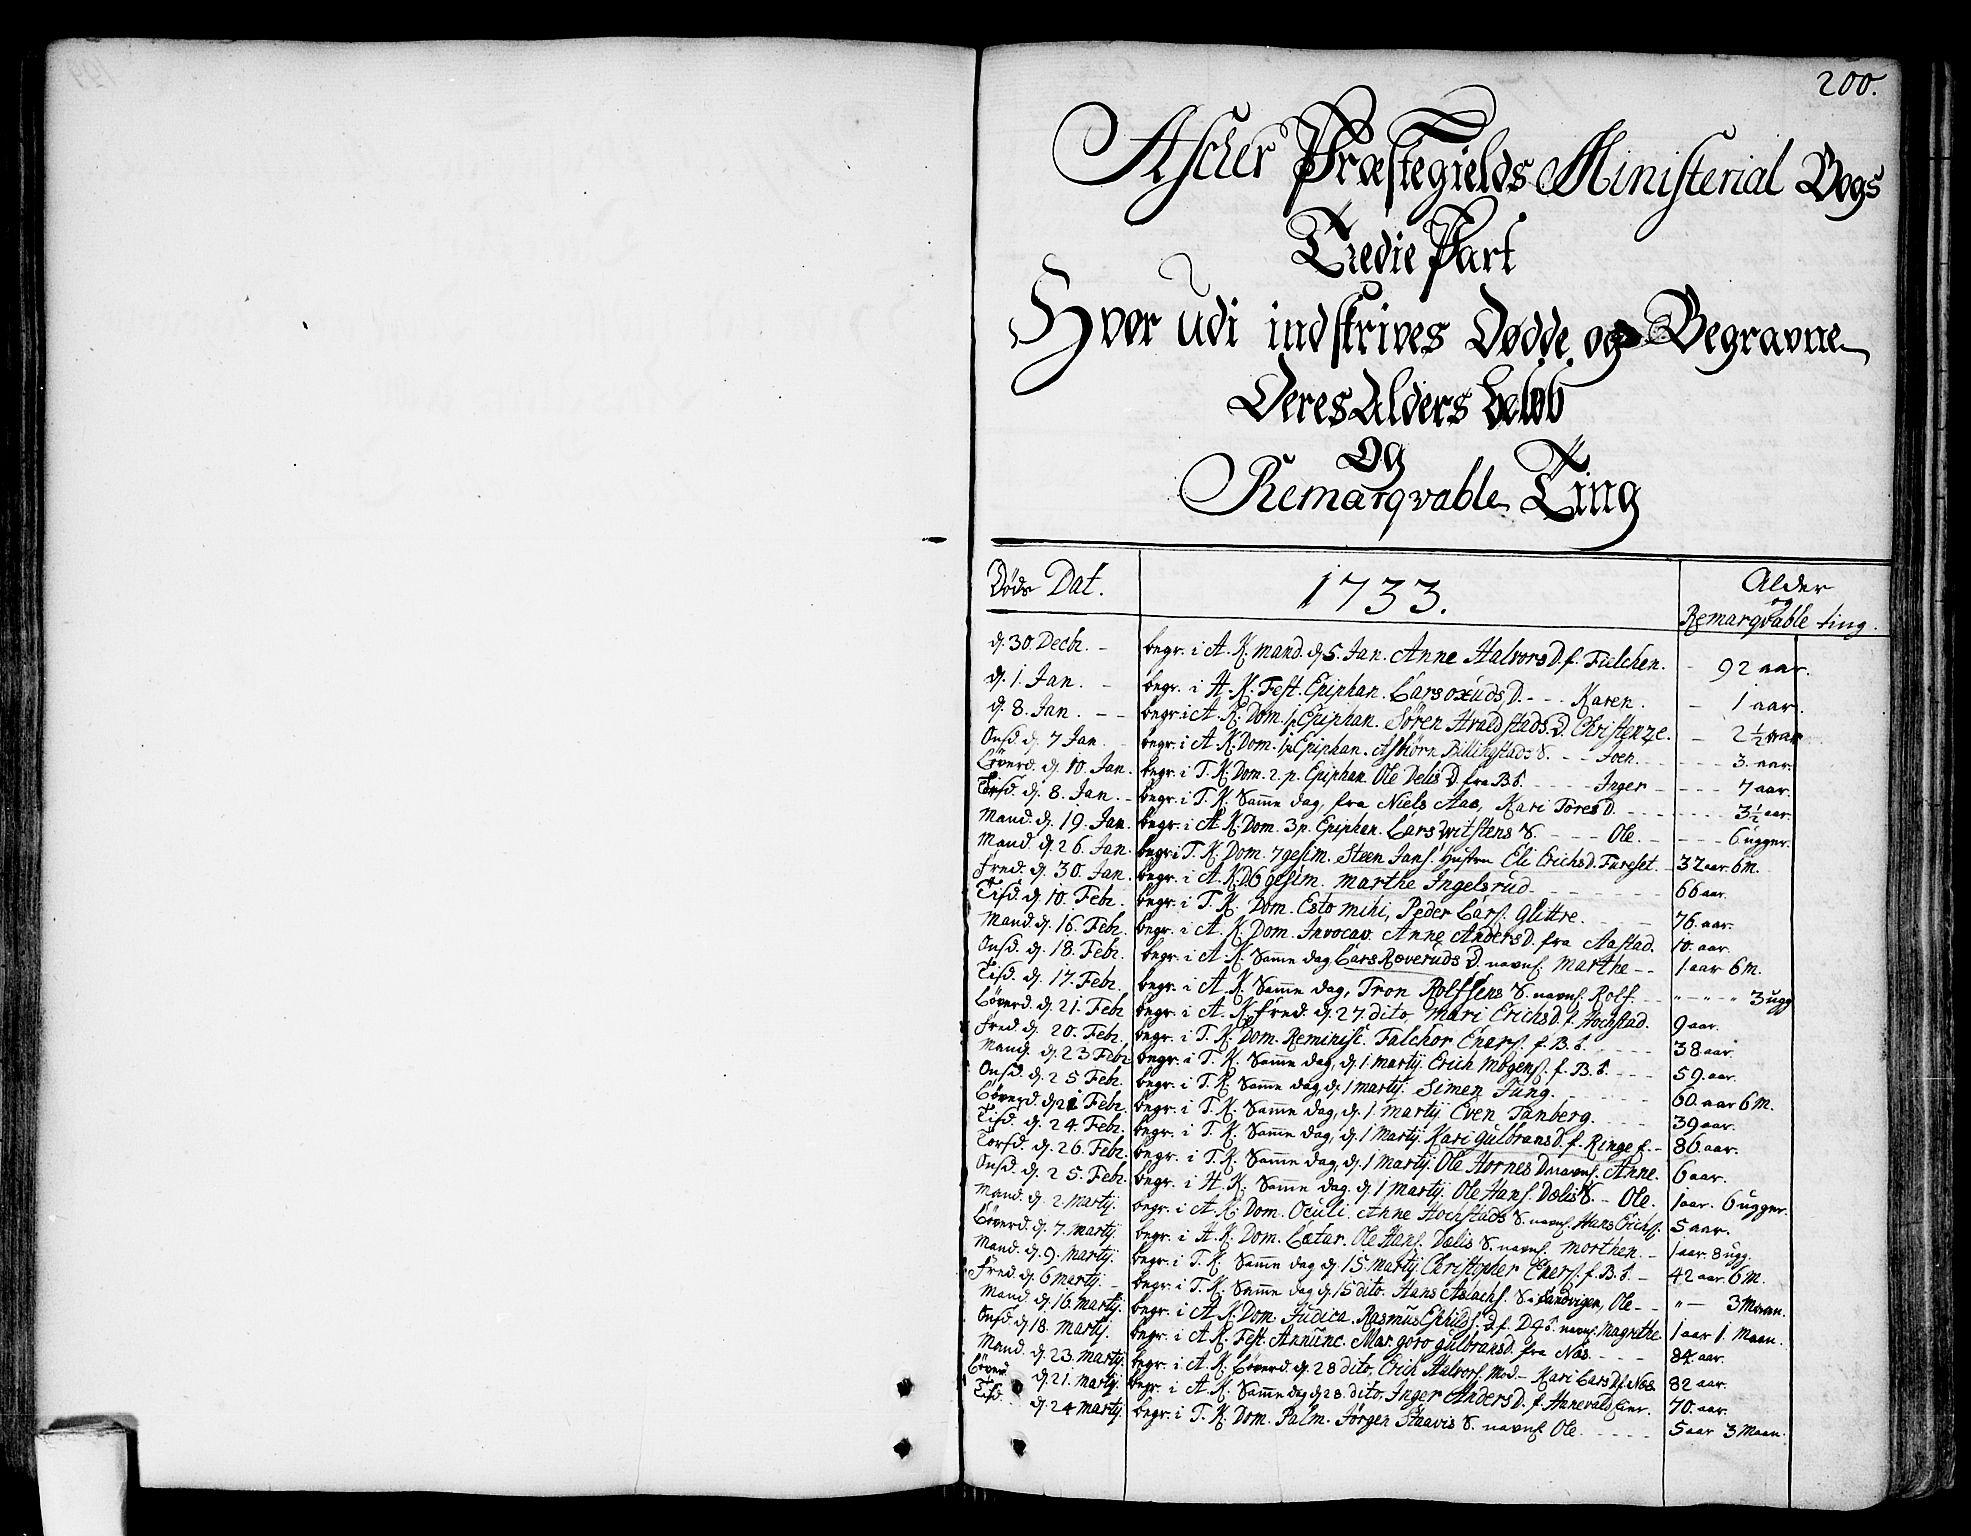 SAO, Asker prestekontor Kirkebøker, F/Fa/L0002: Ministerialbok nr. I 2, 1733-1766, s. 200